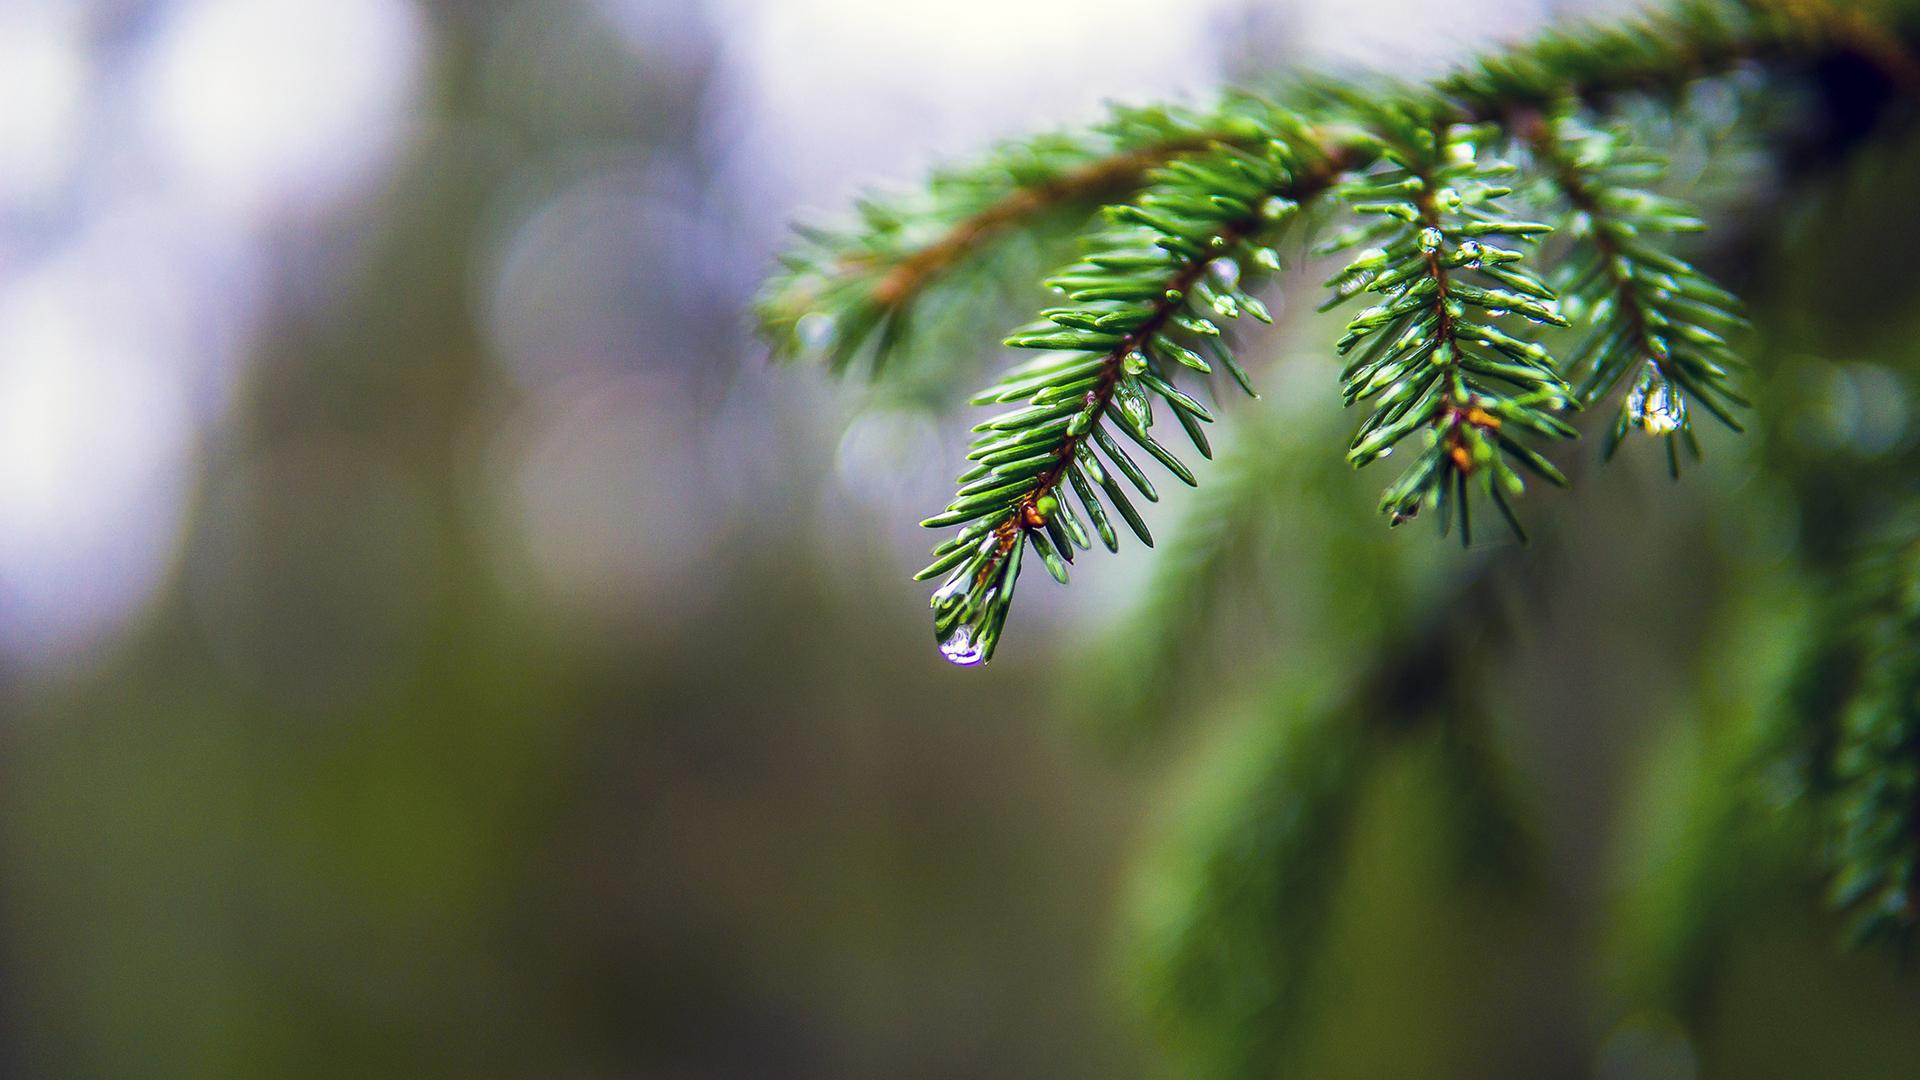 Ilmaston lämpenemisen edetessä muutokset Suomen lumitalven pituudessa ja lumensyvyydessä tulevat yleistymään ja lisääntymään.